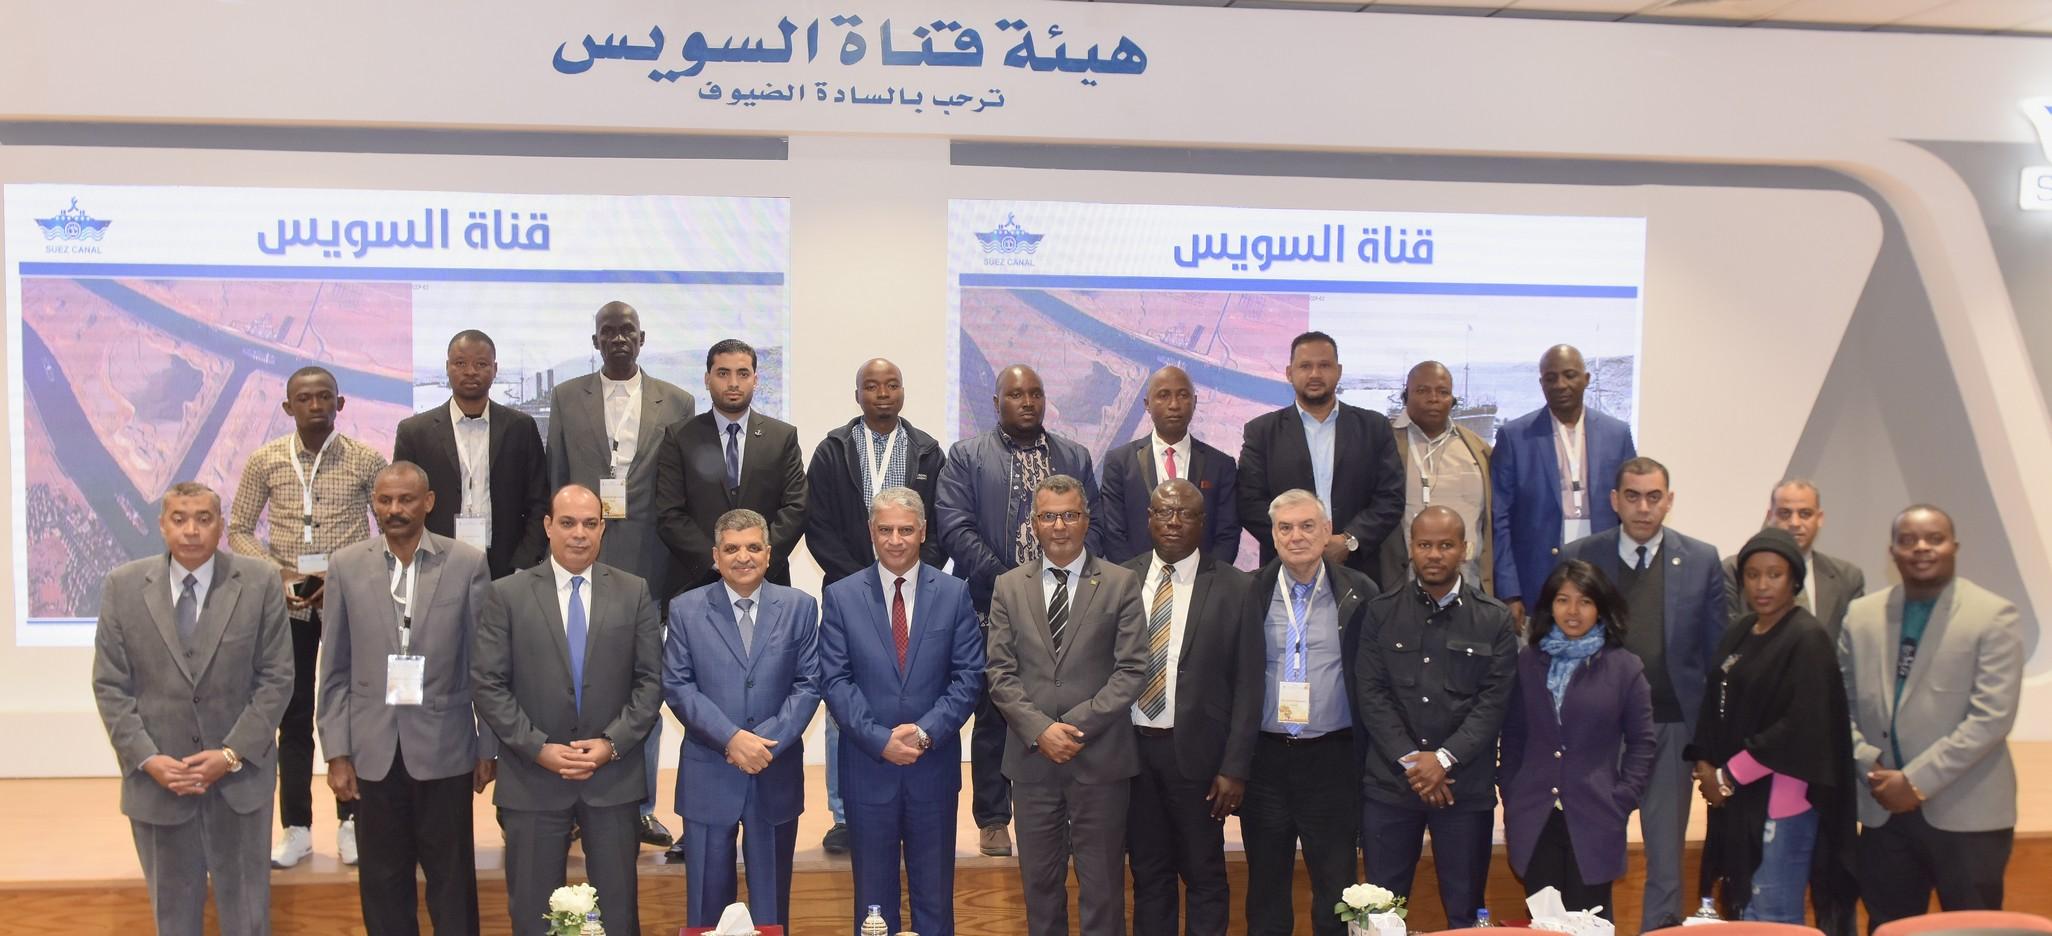 رئيس هيئة قناة السويس يستقبل وفد المشاركين في المنتدى الإفريقيالسادس  (2)